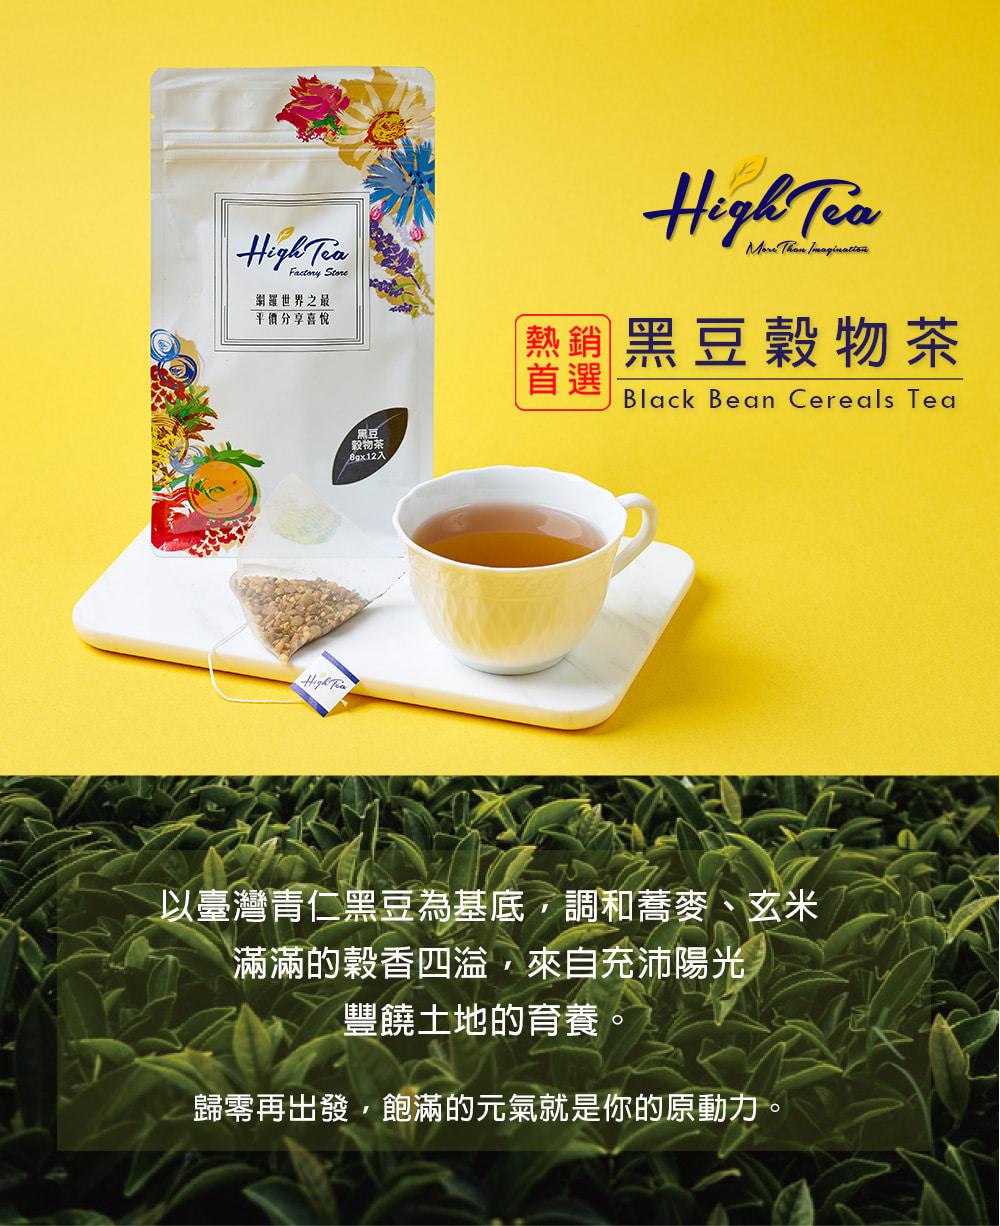 黑豆穀物茶,以臺灣青仁黑豆為基底,調和蕎麥、玄米,滿滿的穀香四溢,來自充沛陽光、豐饒土地的育養。 歸零再出發,飽滿的元氣就是你的原動力。